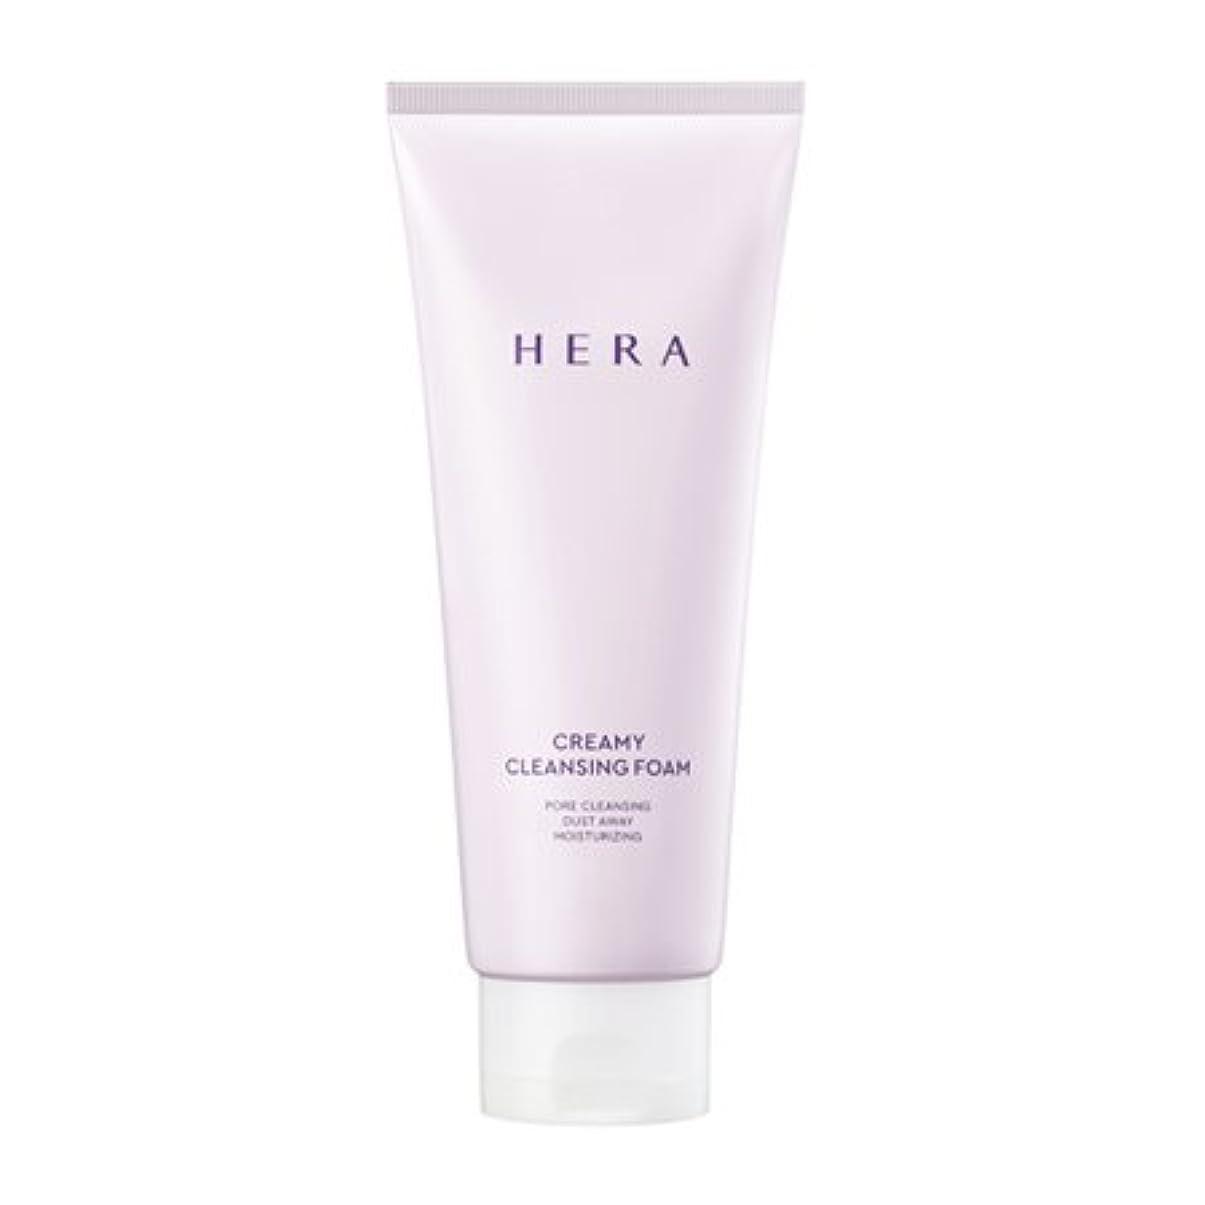 肌スクラッチ芸術HERA Creamy Cleansing Foam 200ml/ヘラ クリーミー クレンジングフォーム 200ml [並行輸入品]